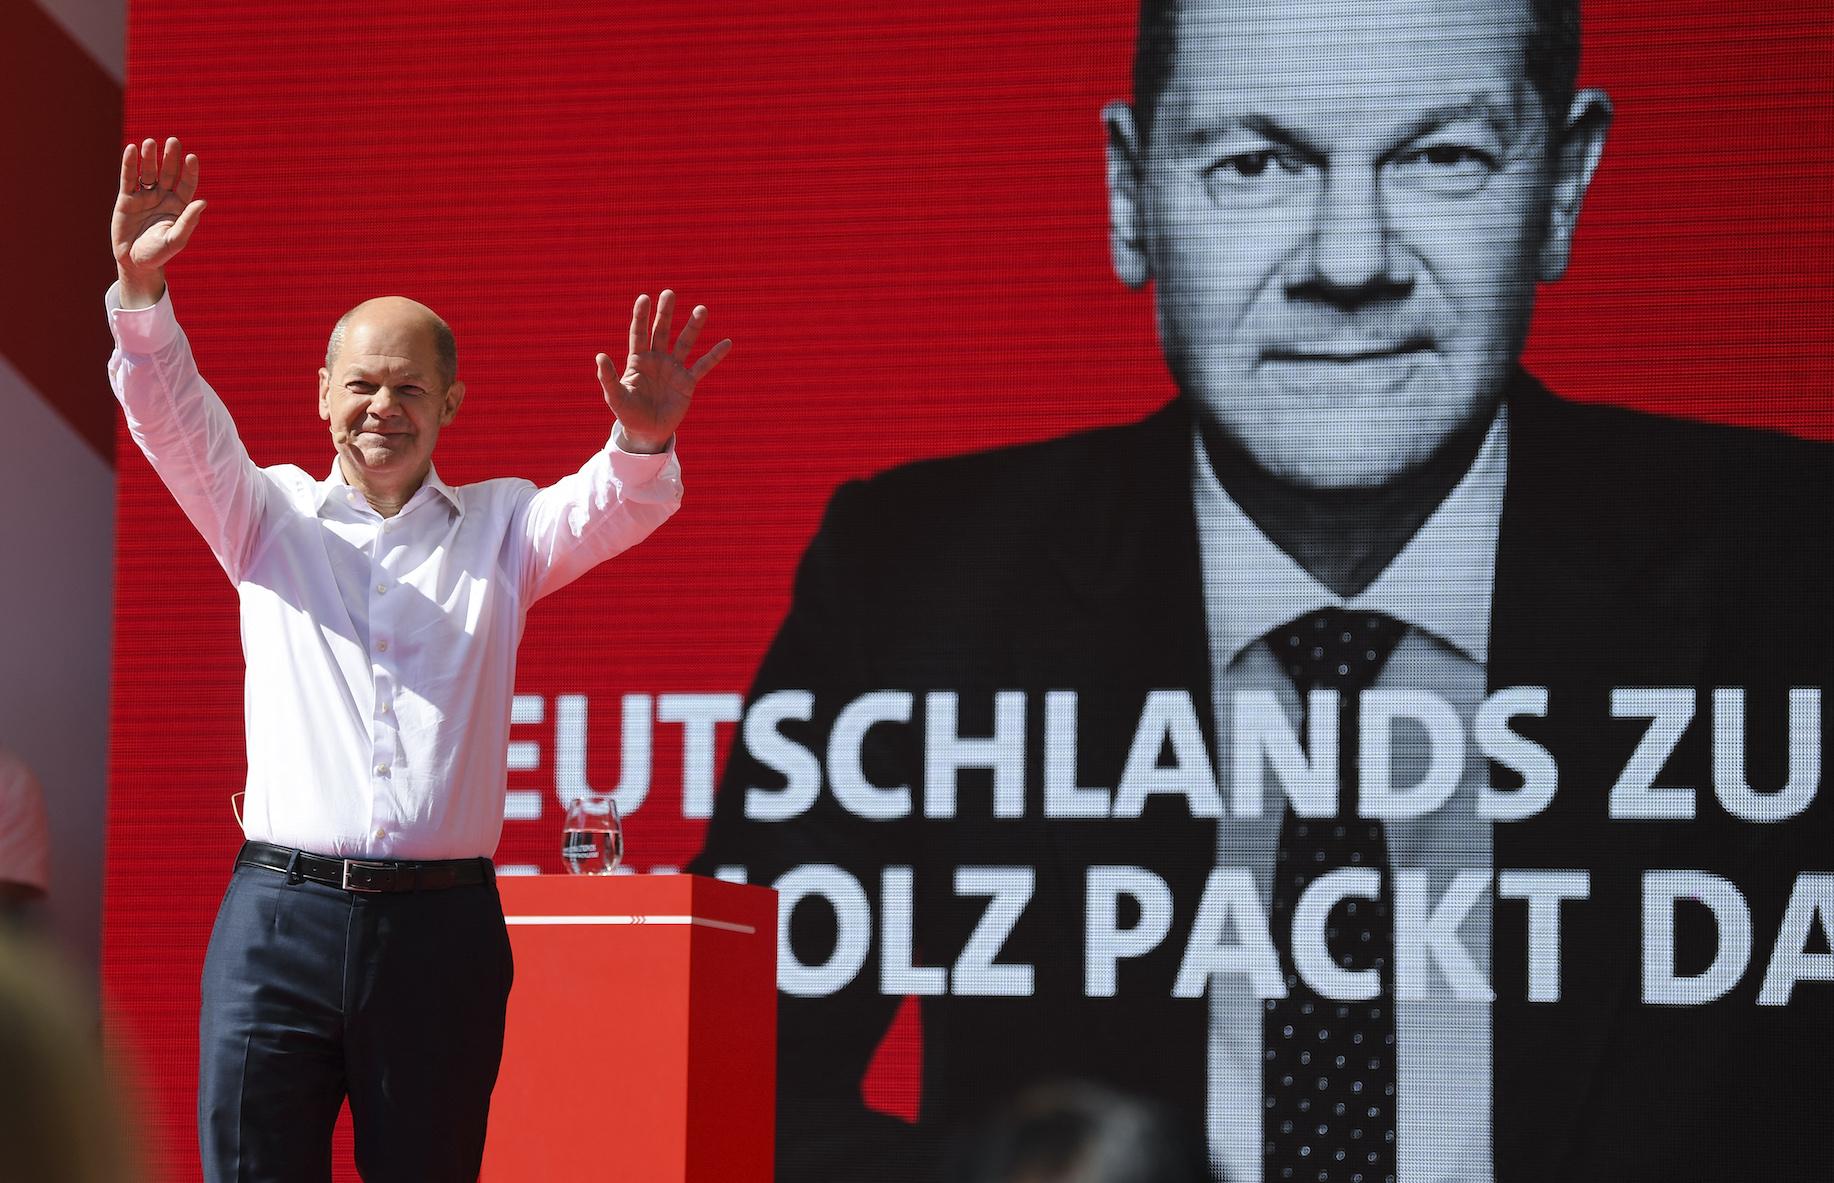 Γερμανία: Σταθερά πρώτος ο Σολτς του SPD - «Καρφιά» Σόιμπλε για Μέρκελ    Fortunegreece.com